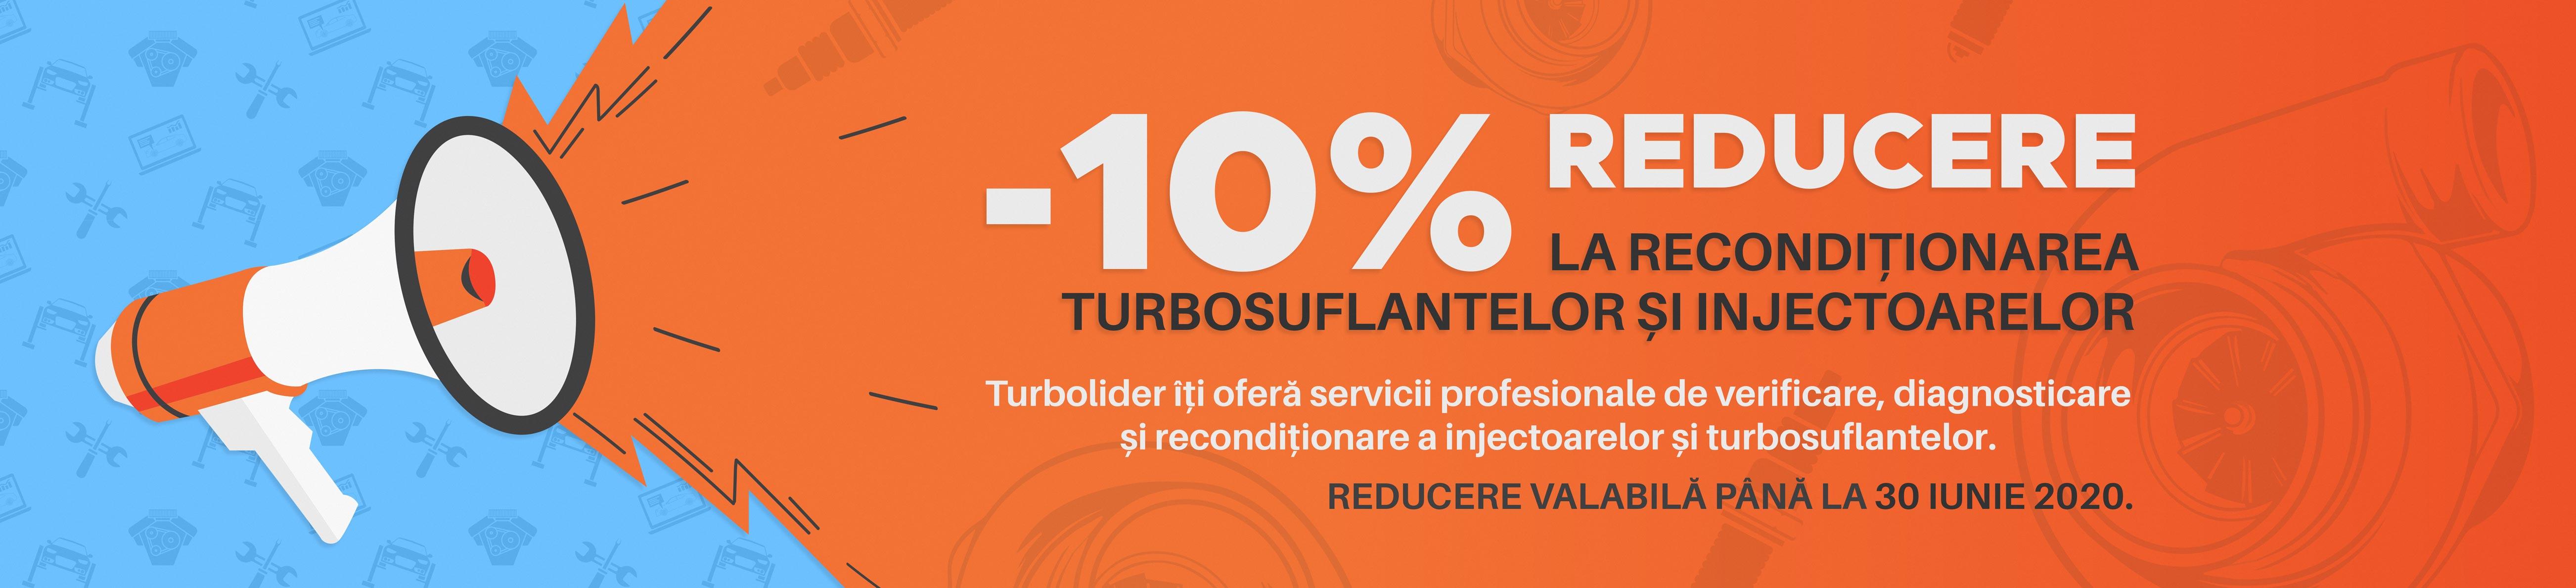 10% REDUCERE LA  SERVICIILE DE RECONDIȚIONARE TURBINE ȘI INJECTOARE